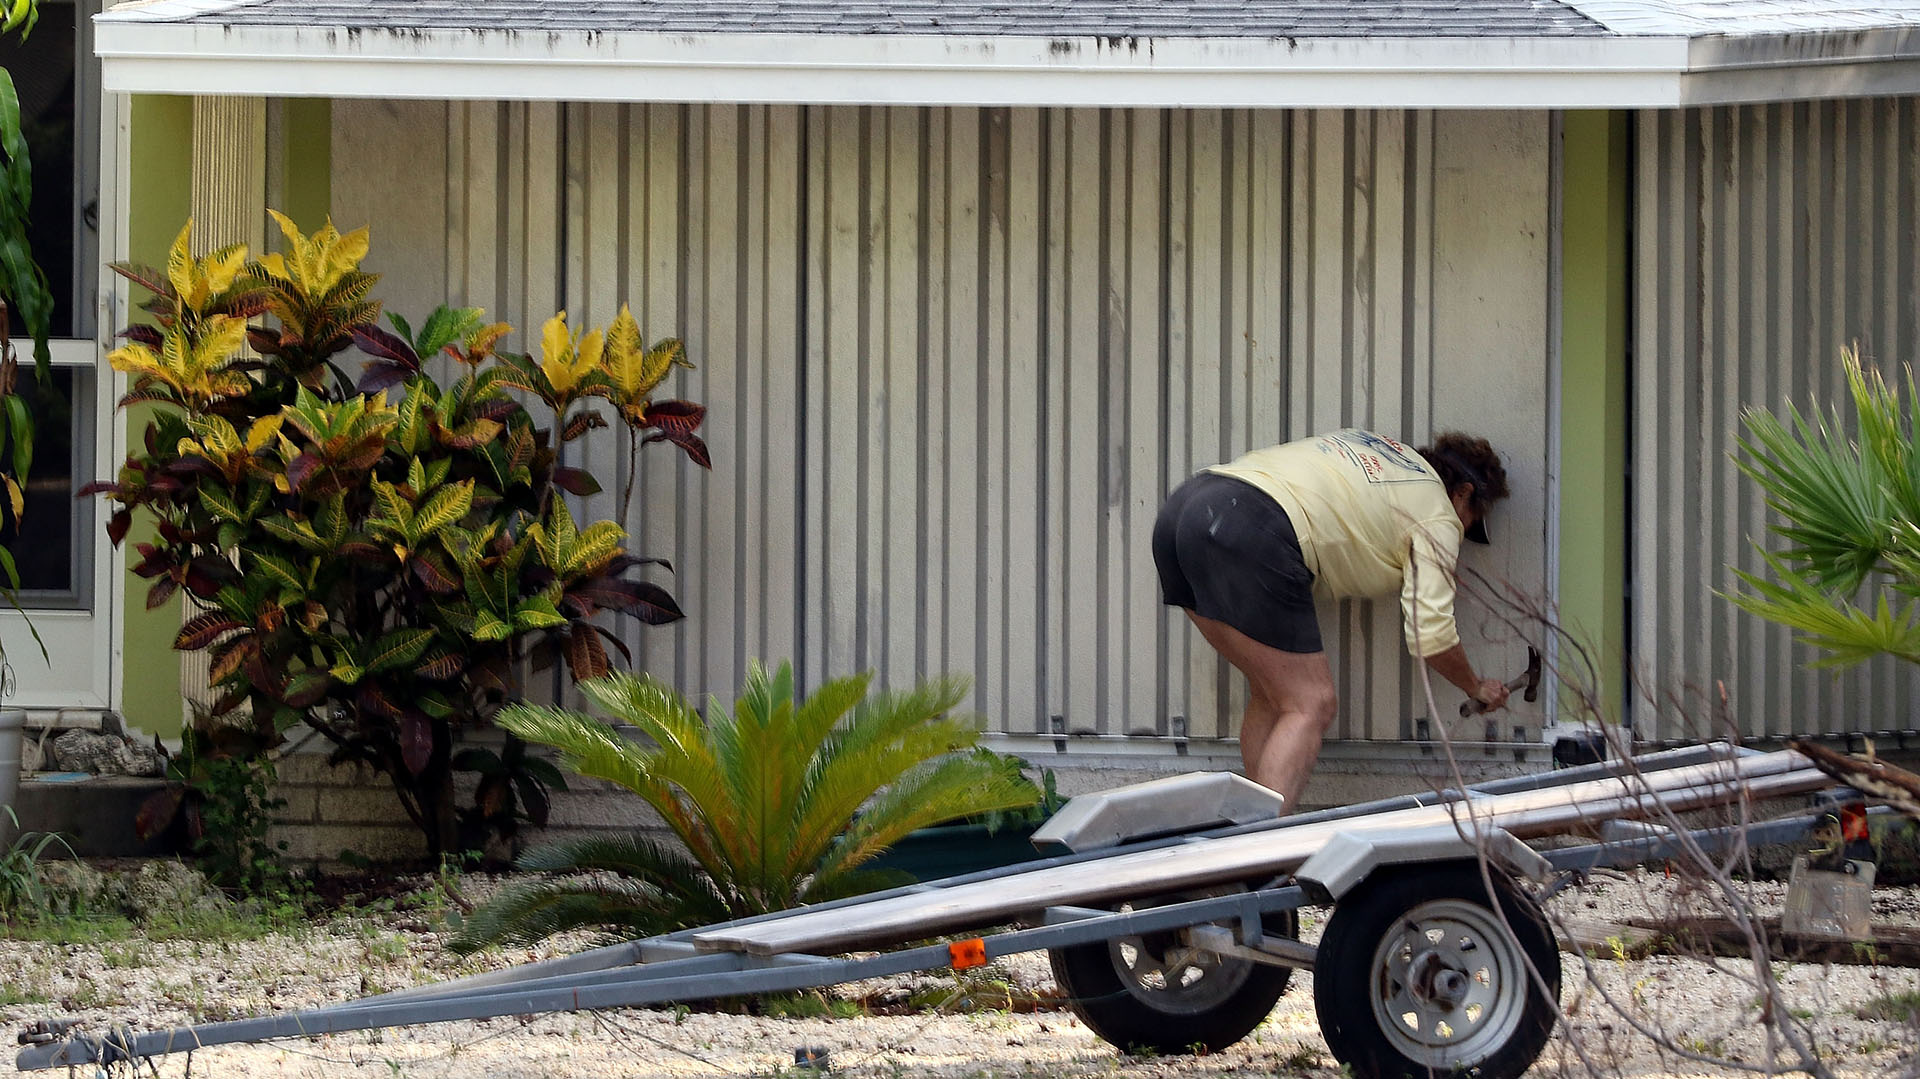 Una mujer asegura el frente de su casa ante la llegada de Irma, eIslamorada, Florida.